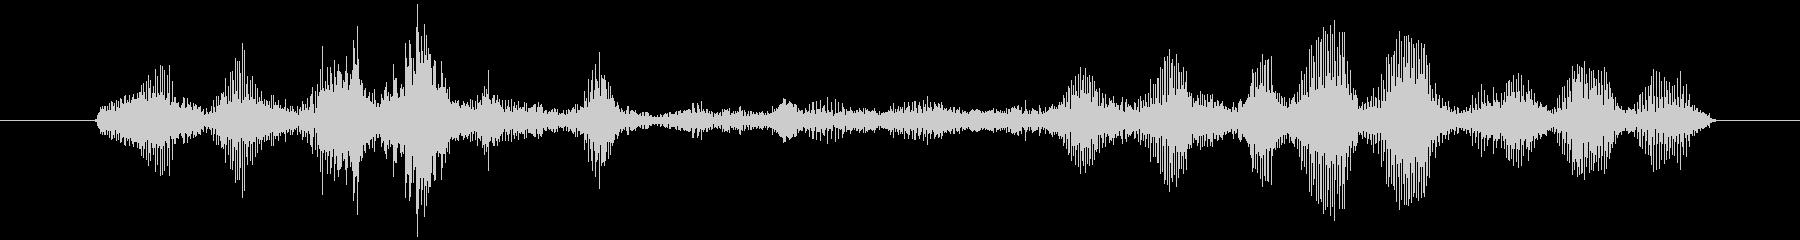 ヤギ Baaingヤギ03の未再生の波形